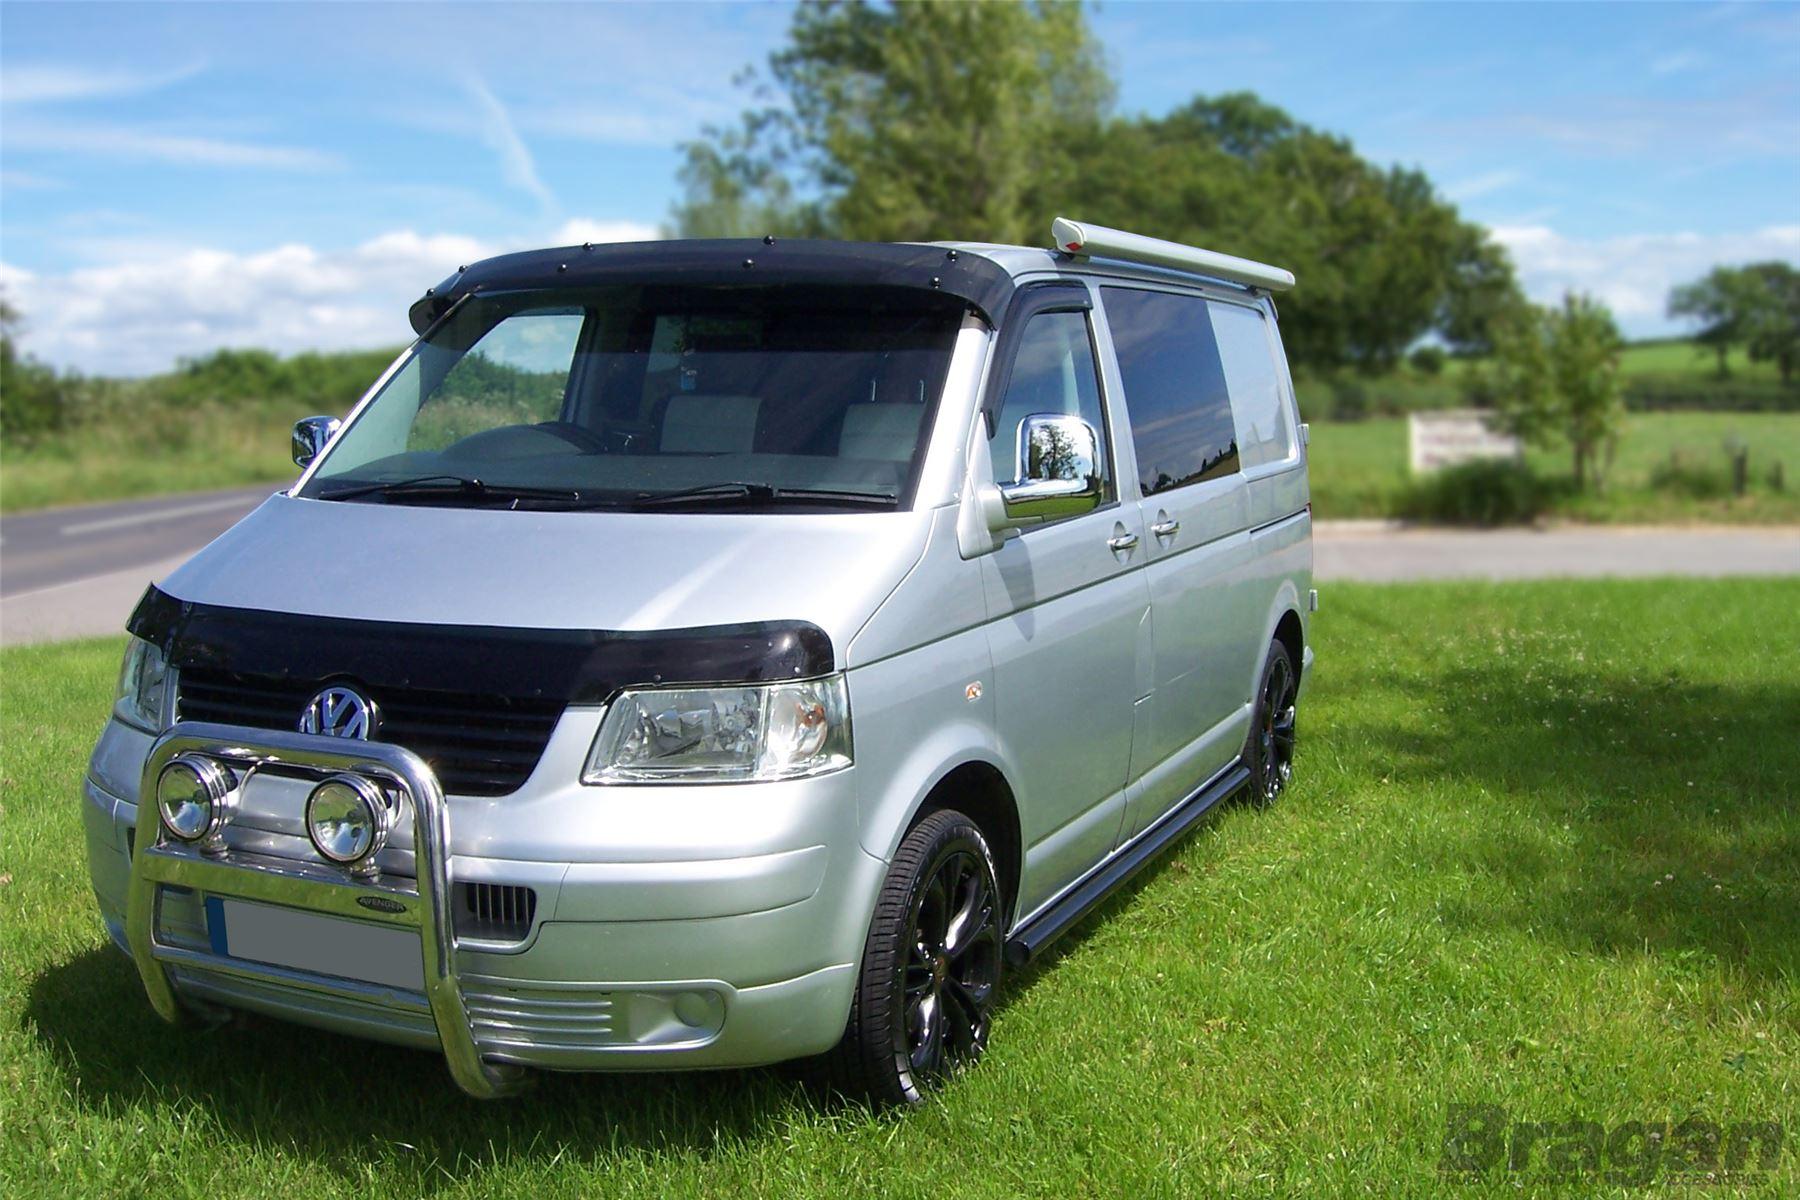 2004 2010 volkswagen vw transporter t5 caravelle smoked. Black Bedroom Furniture Sets. Home Design Ideas